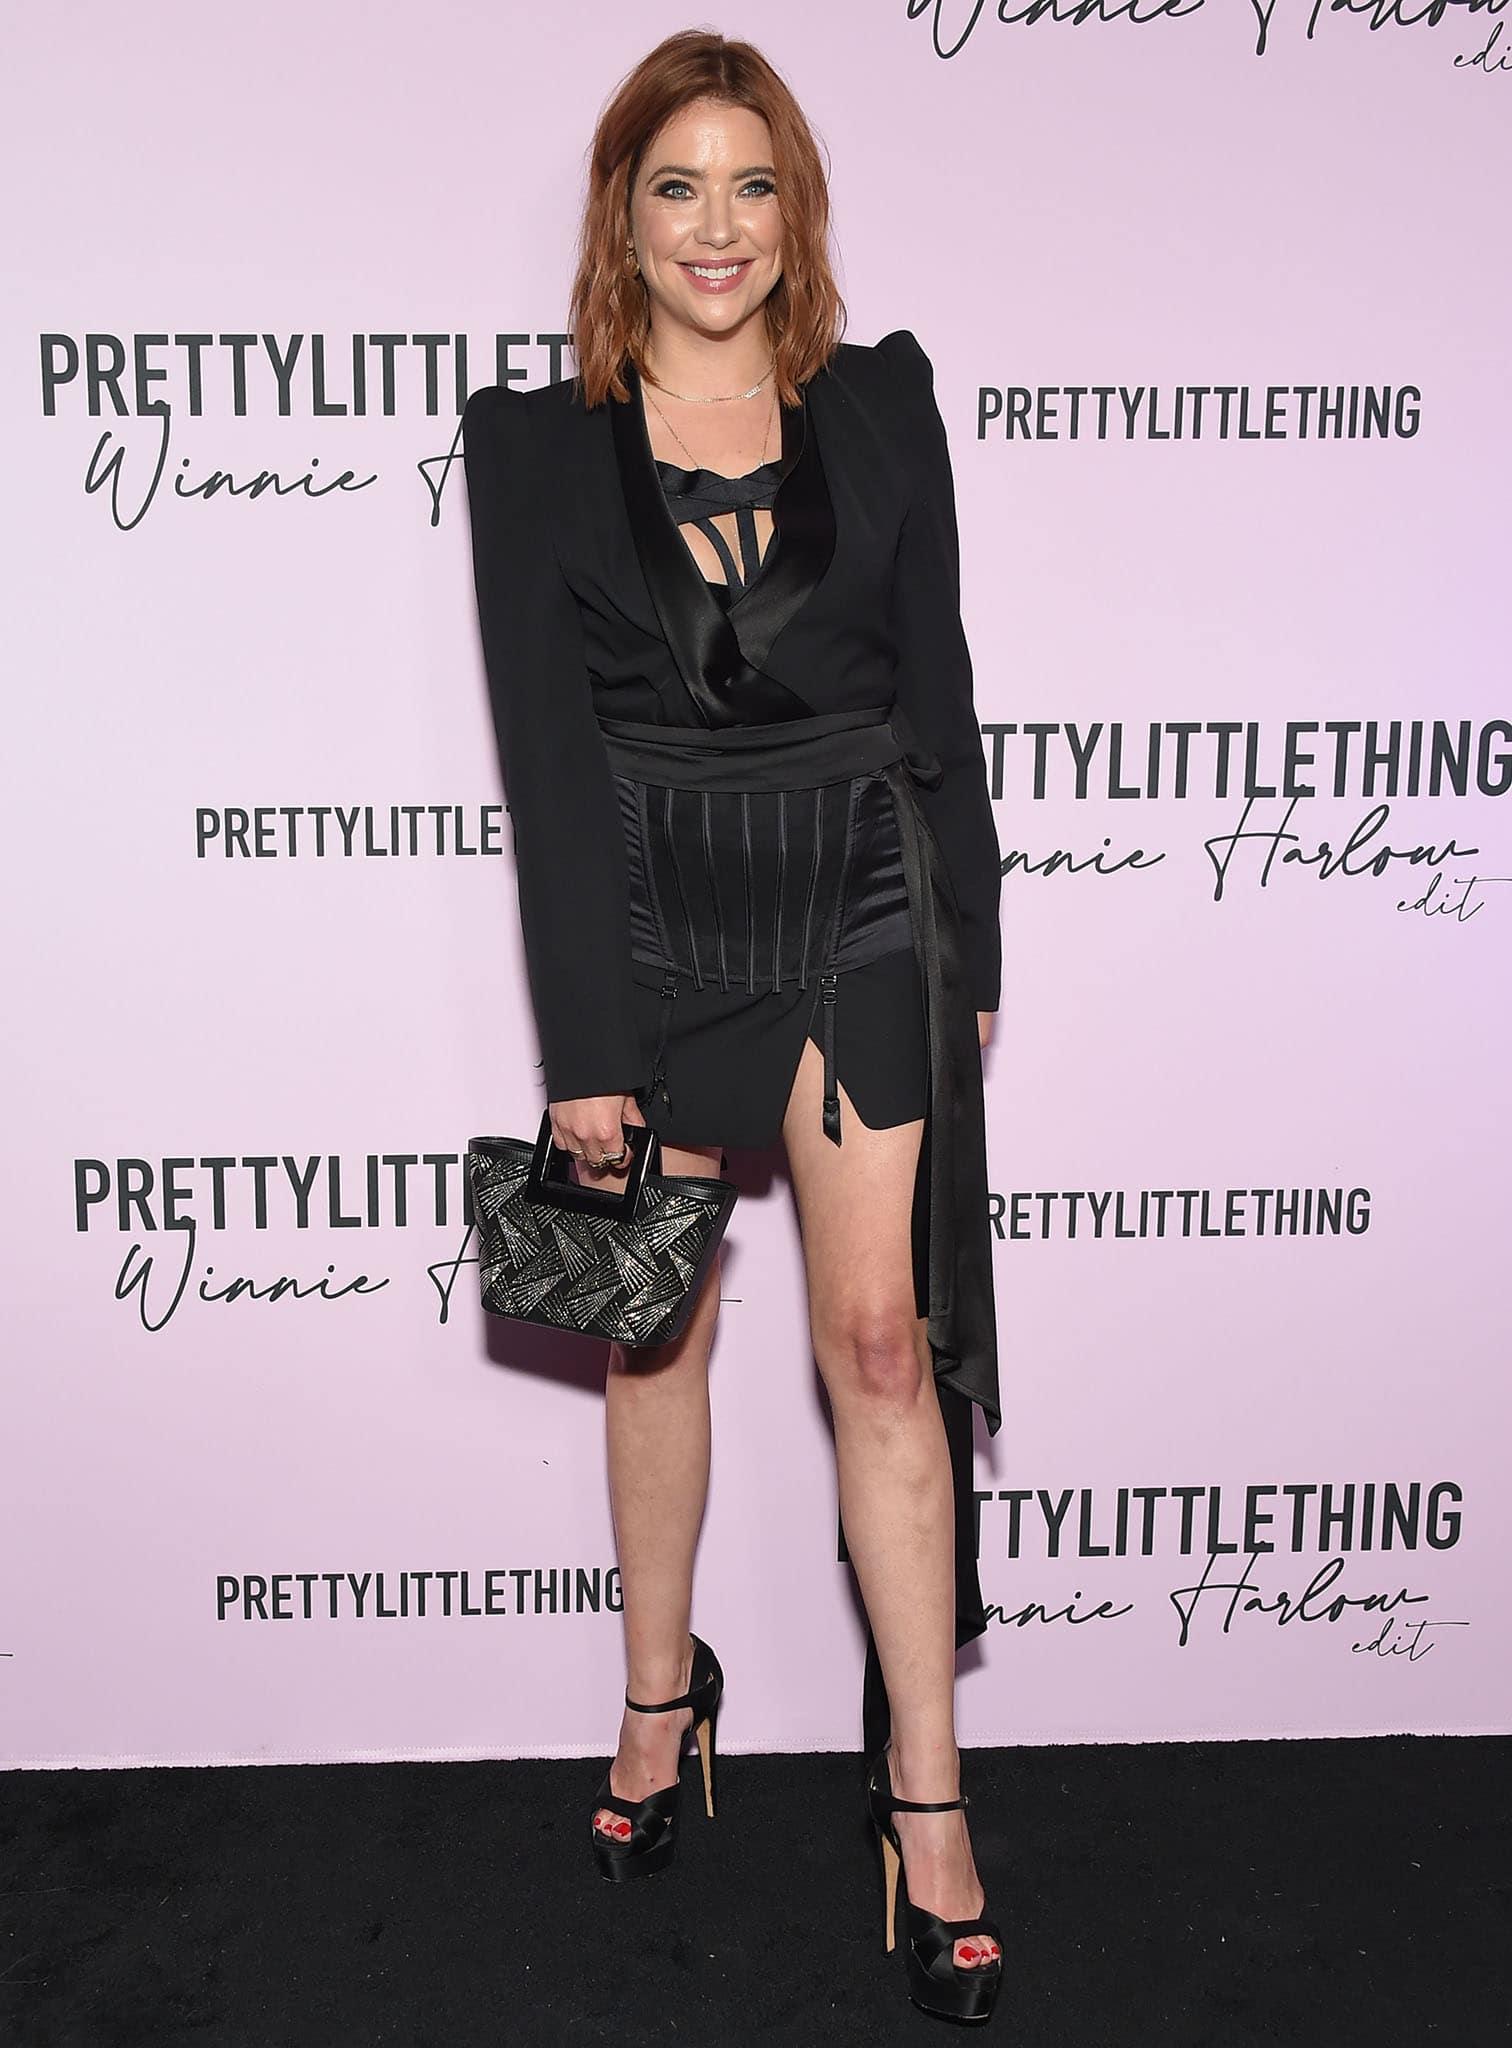 Ashley Benson wears La Perla lingerie with Alexandre Vauthier blazer dress and mini skirt